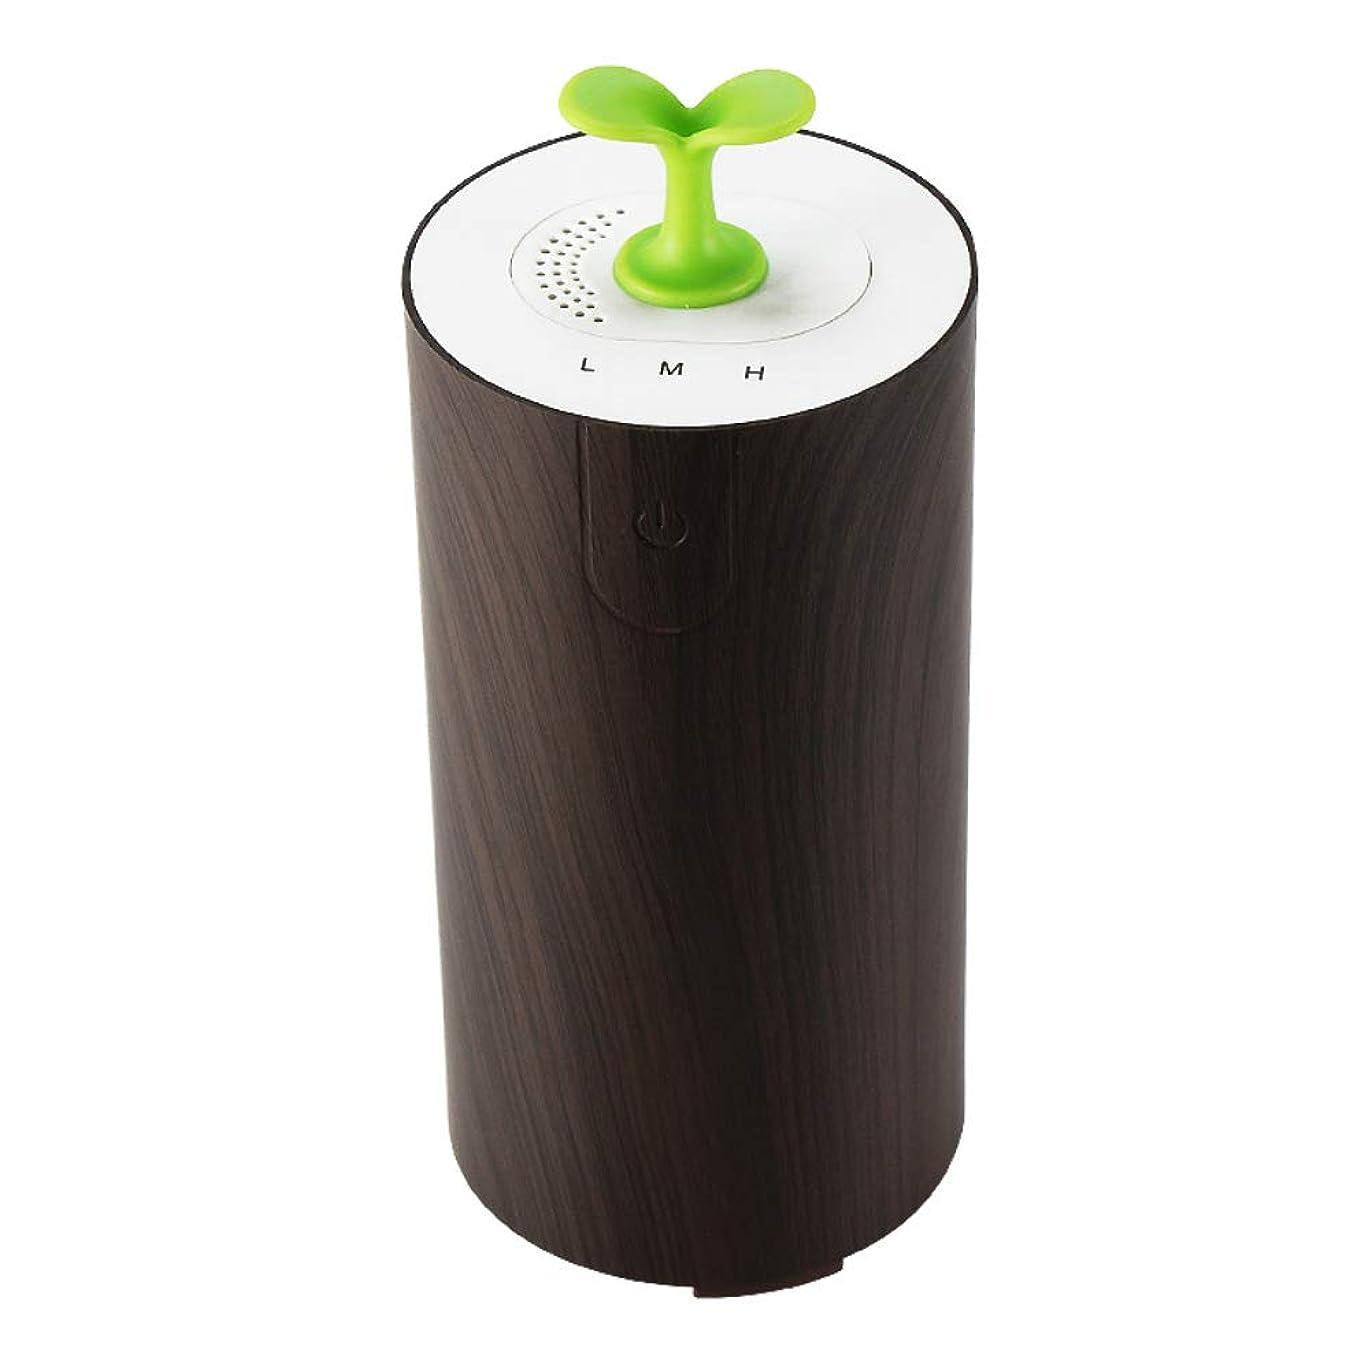 センチメートル便利スリッパ車のアロマテラピーマシン清浄機、エッセンシャルオイルディフューザー多機能USBアロマ加湿器、水なし低燃費,deepwoodgrain